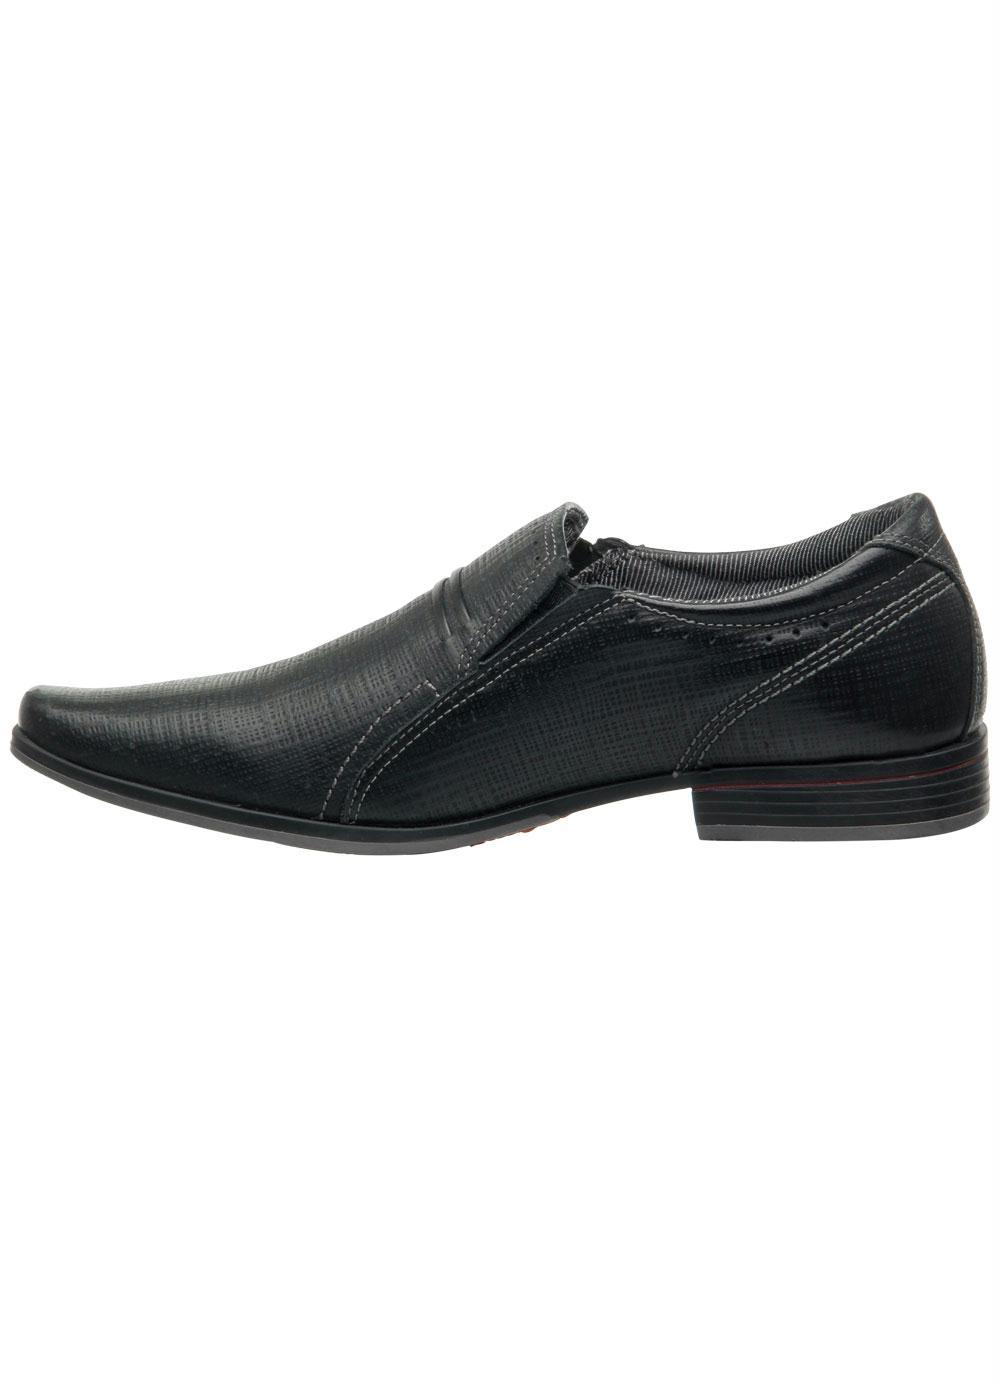 70e96113c Sapato Pegada Preto Fivela Decorativa - Multimarcas